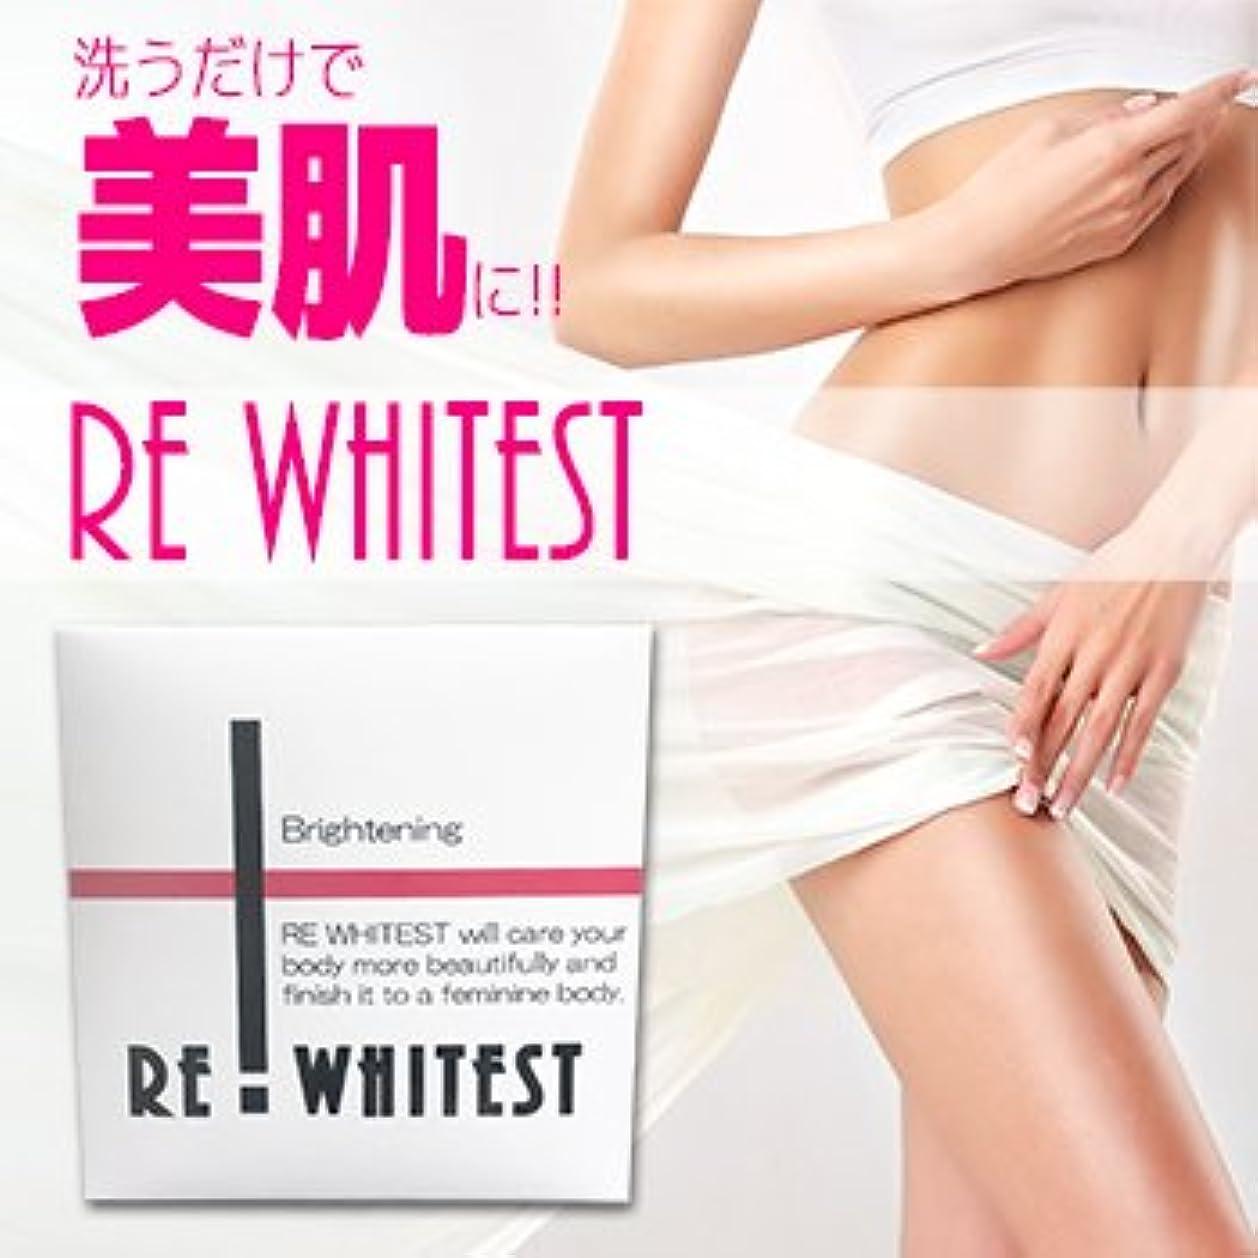 巨大サンプル気球パパイン+イソフラボン配合女性用美肌石鹸 REWHITEST-リホワイテスト-